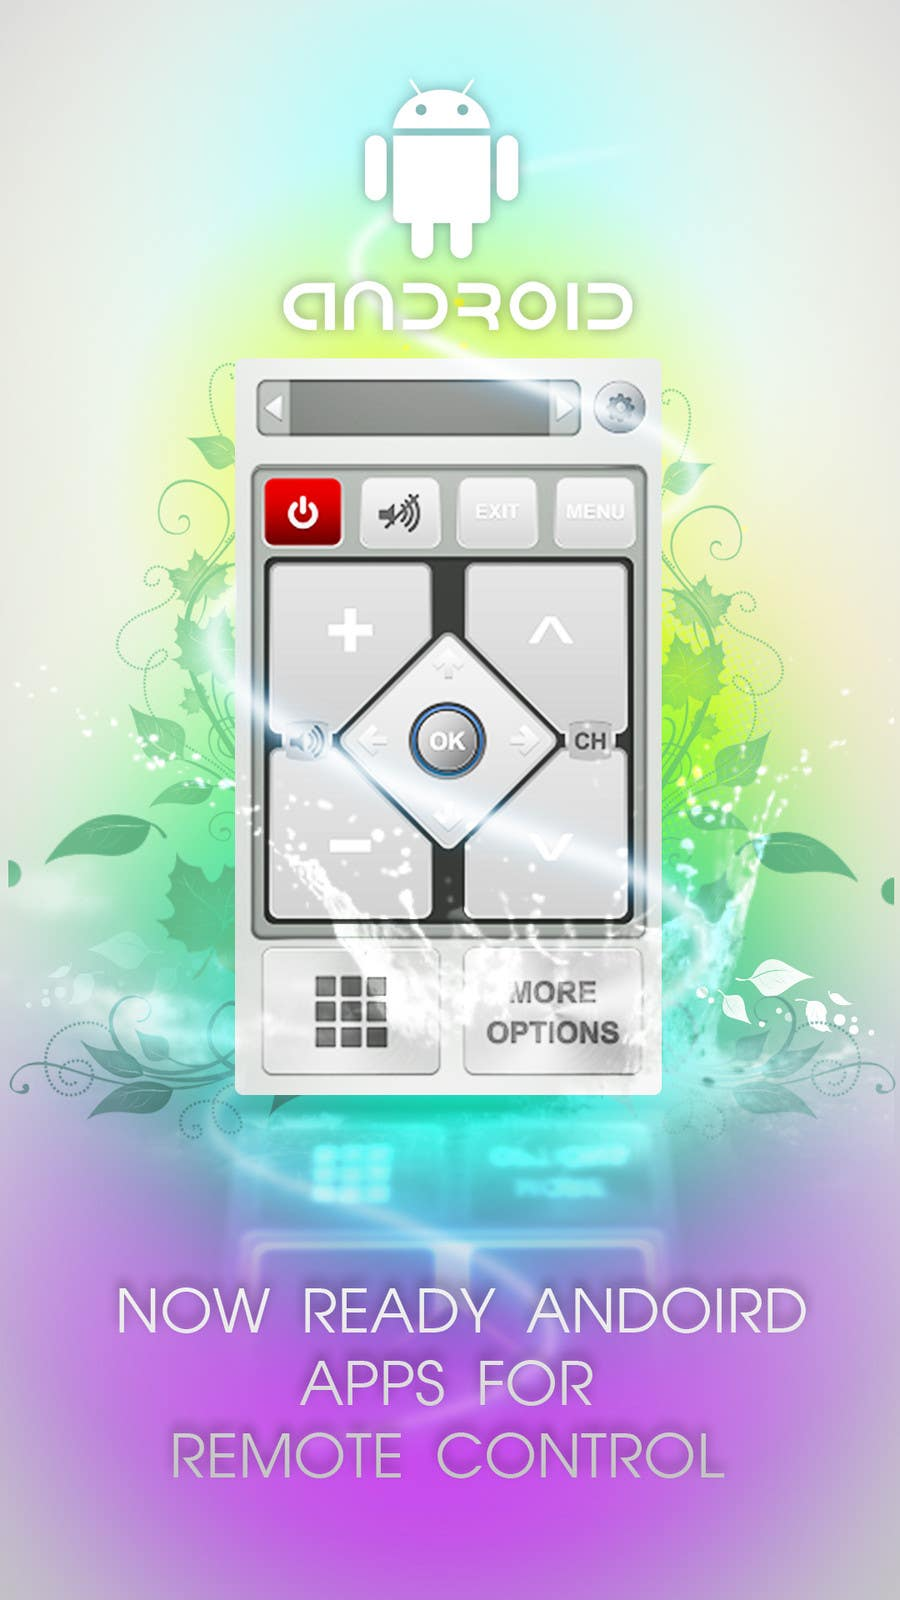 Bài tham dự cuộc thi #                                        103                                      cho                                         Splash Screen Design